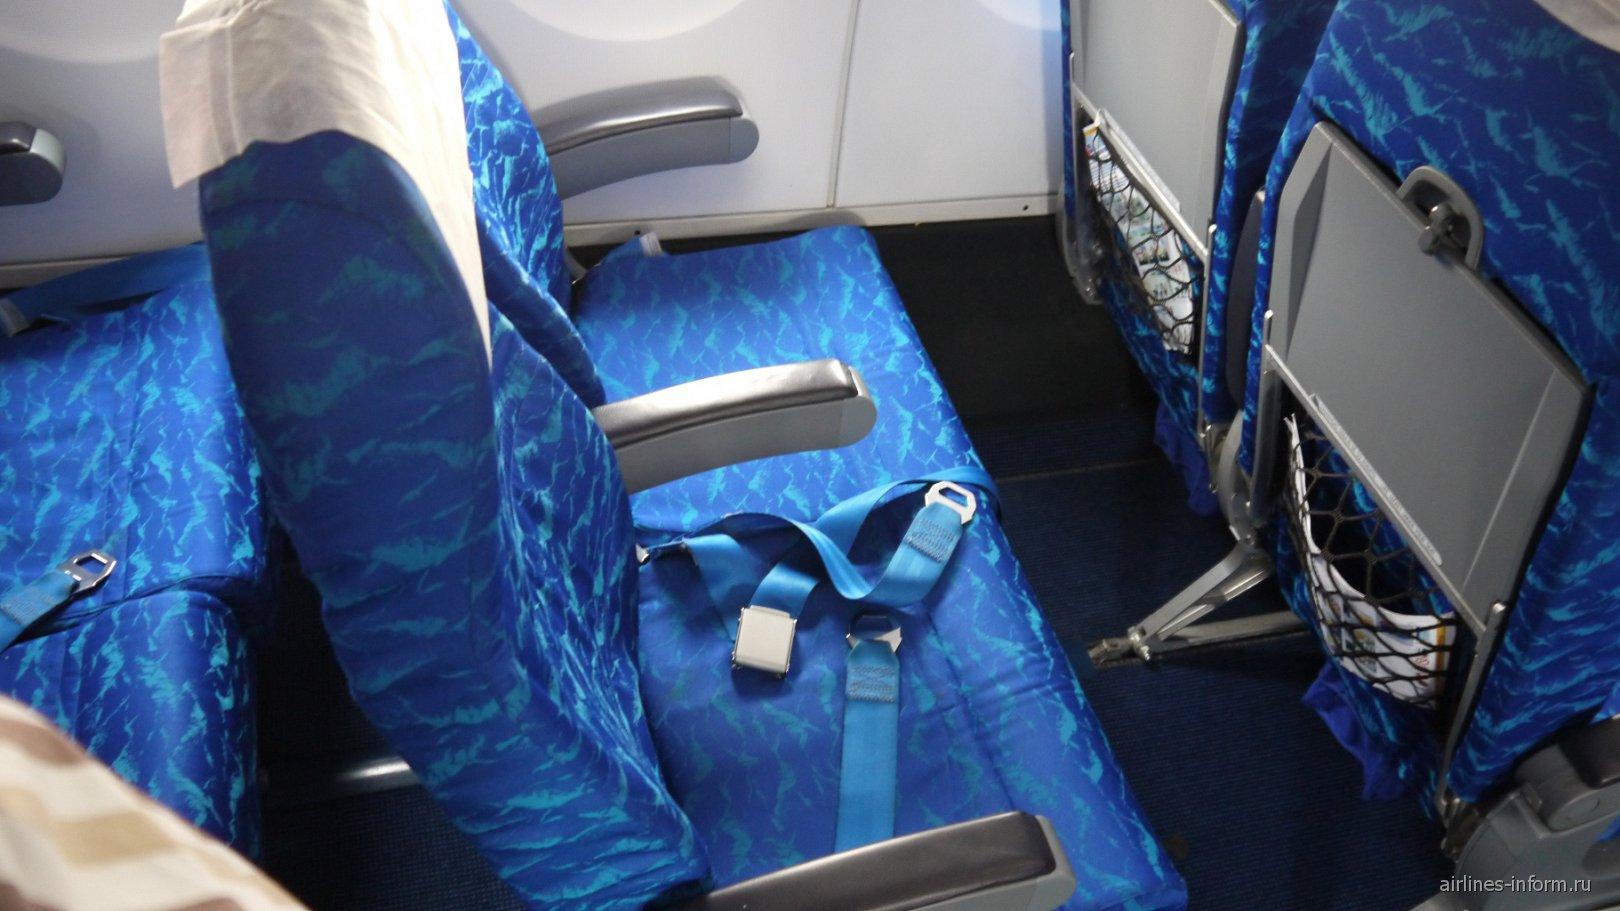 Пассажирские кресла в самолете Ан-158 авиакомпании Cubana